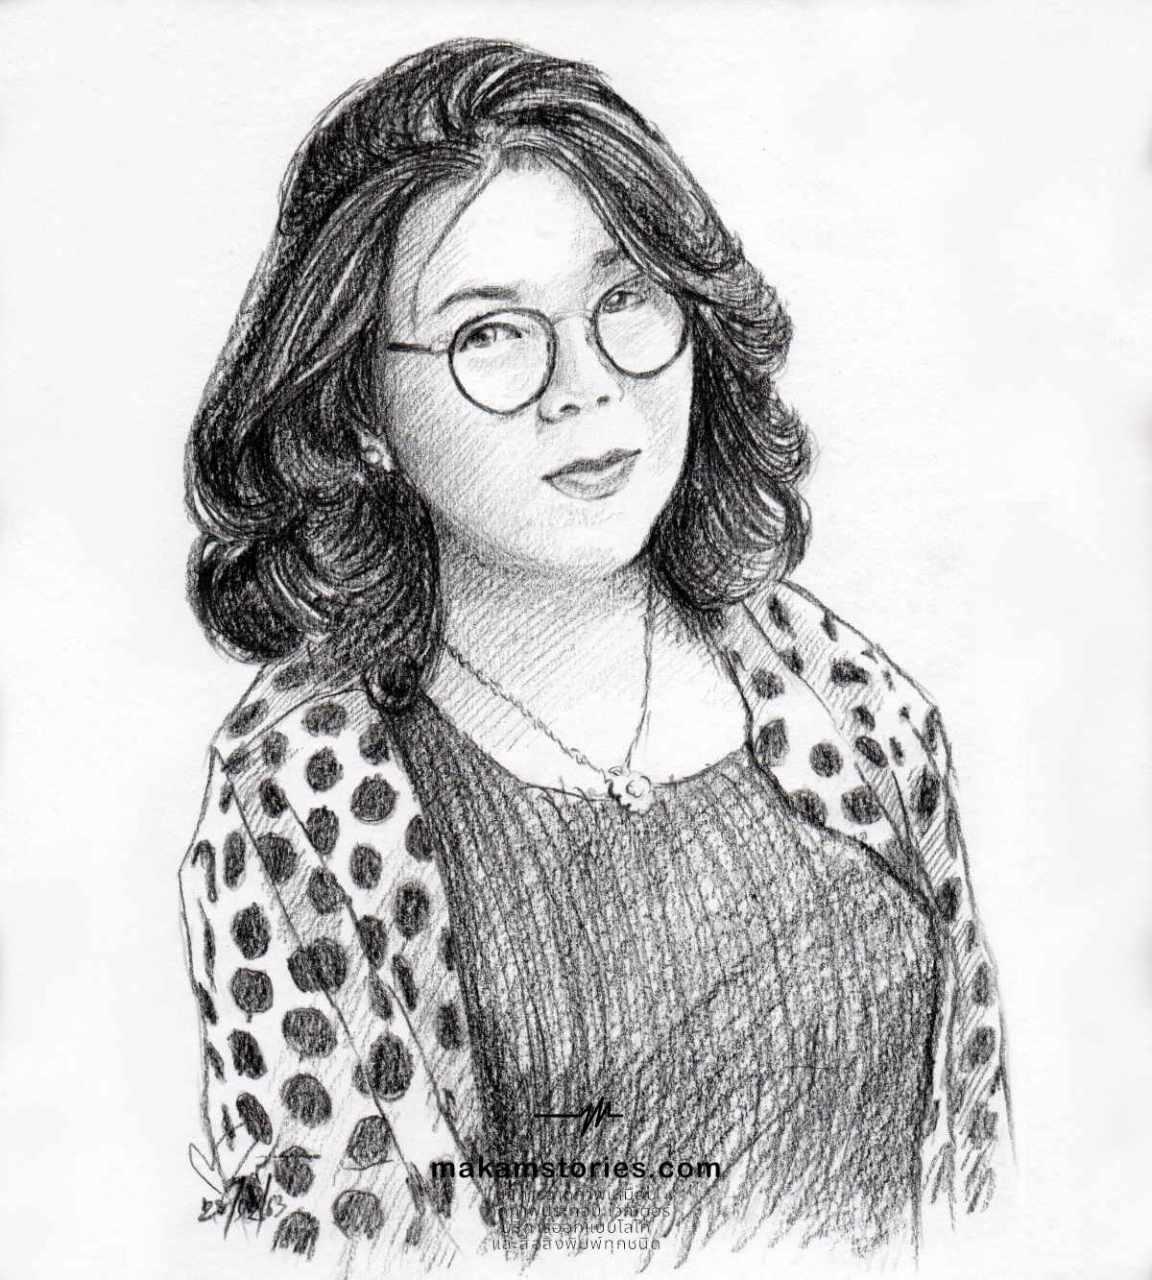 วาดภาพเหมือนลายเส้นดินสอ ภาพเหมือนดรออิ้ง ภาพวาดลายเส้น Drawing Portrait